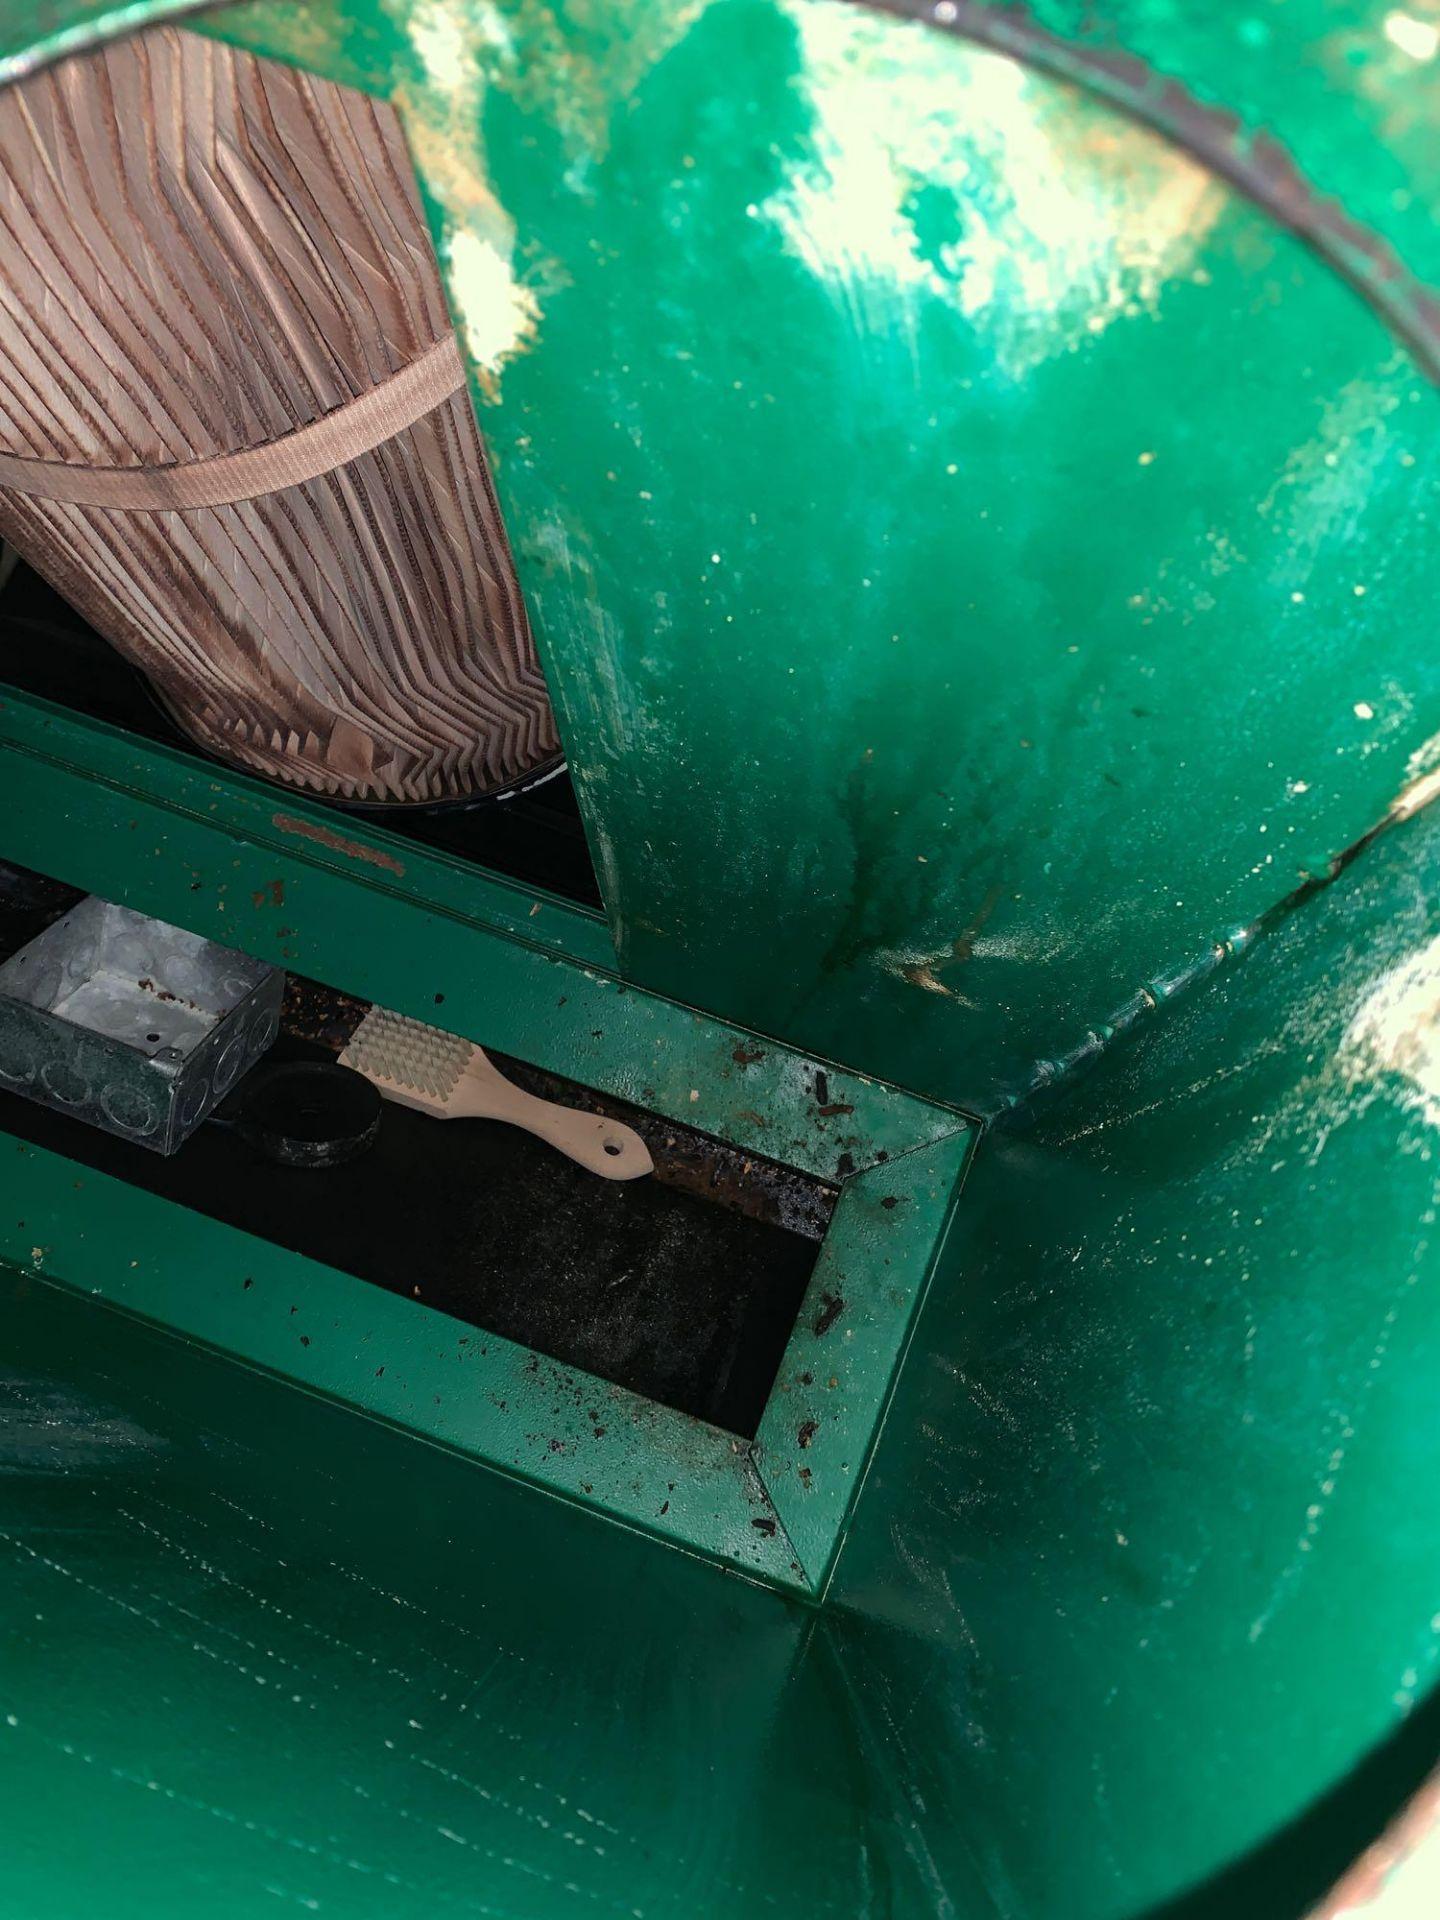 OsKar Anti-Pollution Filter - Image 3 of 8